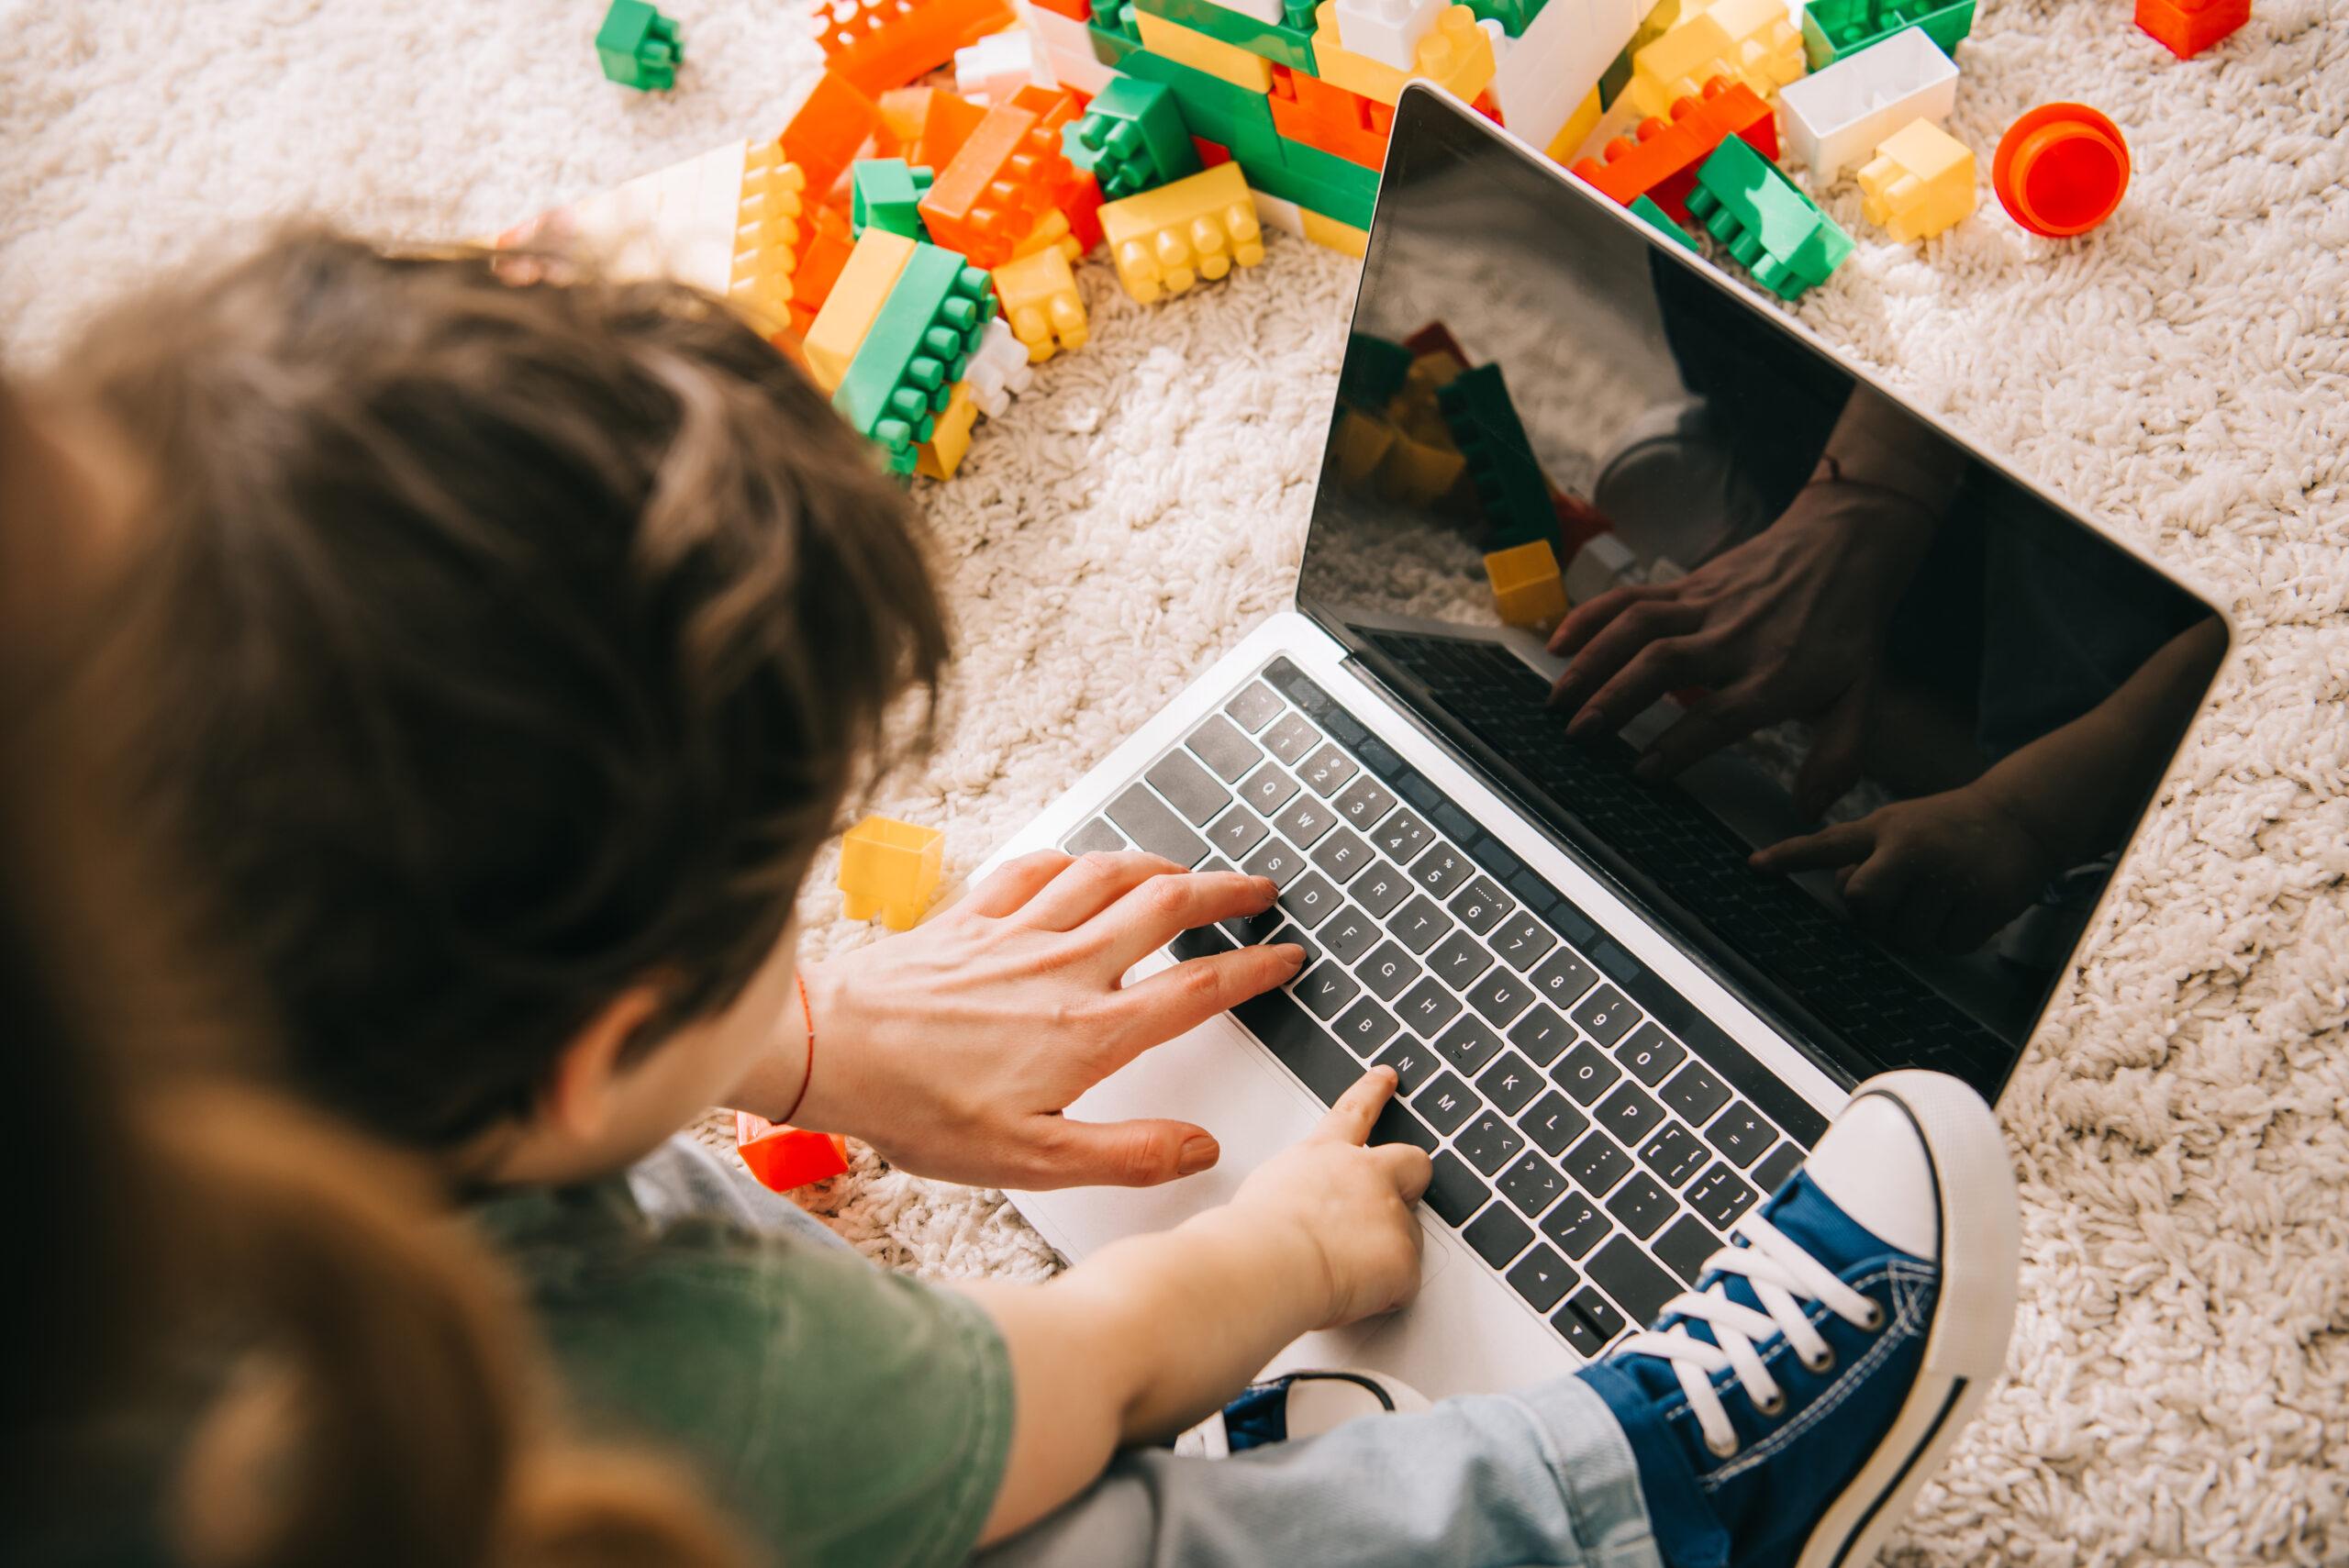 Spielzeug investment gedankenspielerei